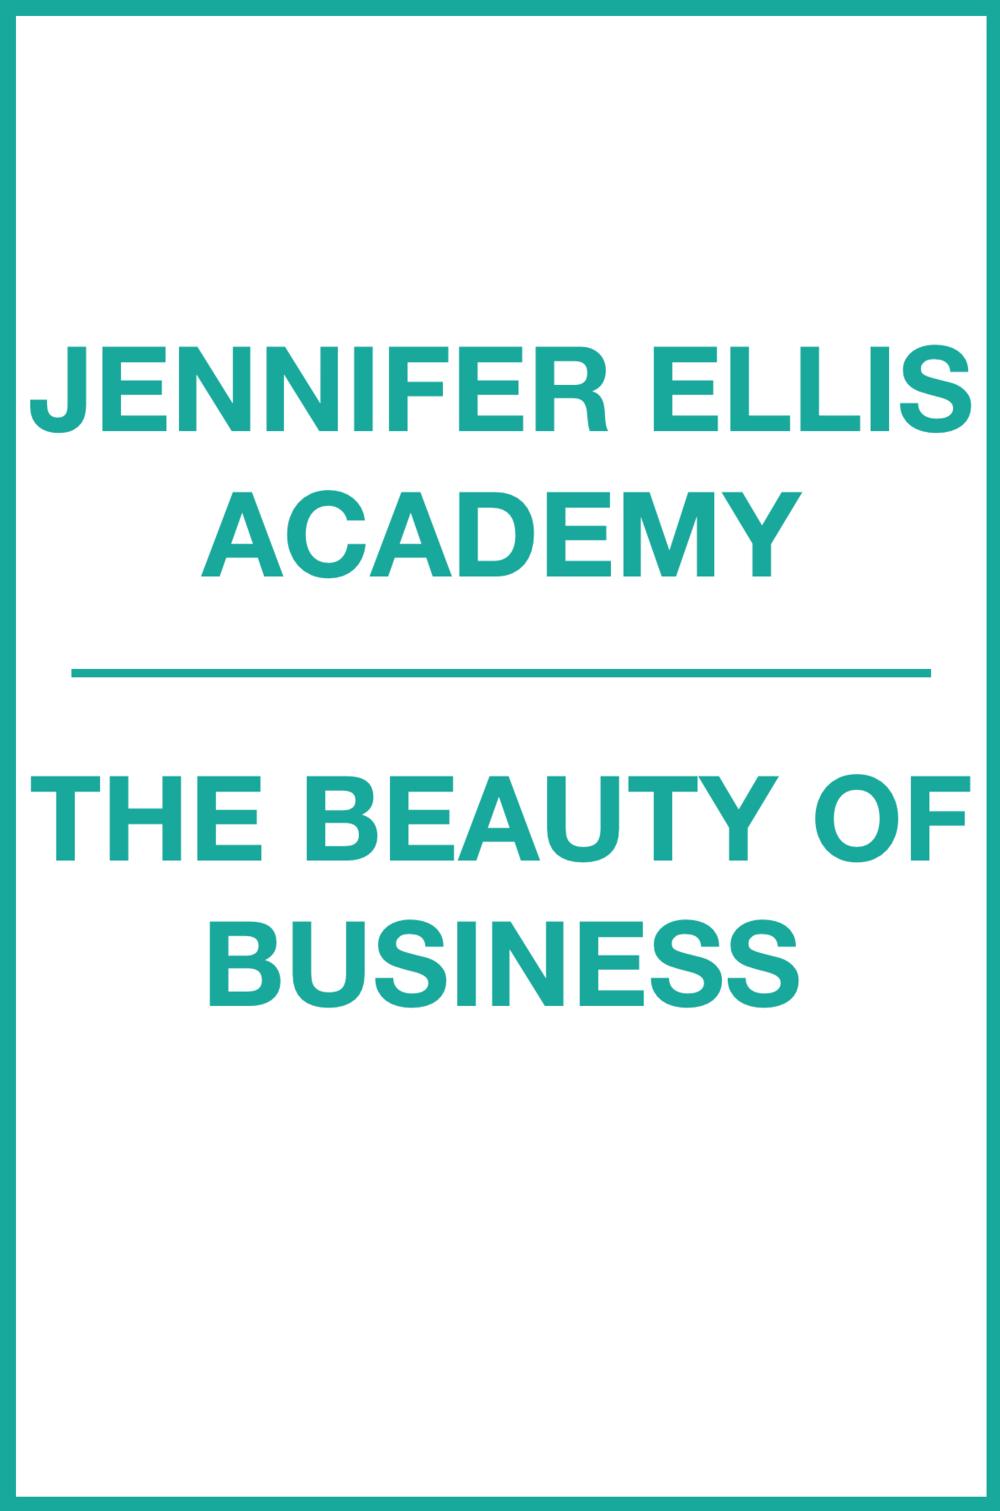 entrepreneur-business-workshops-jennifer-ellis.png